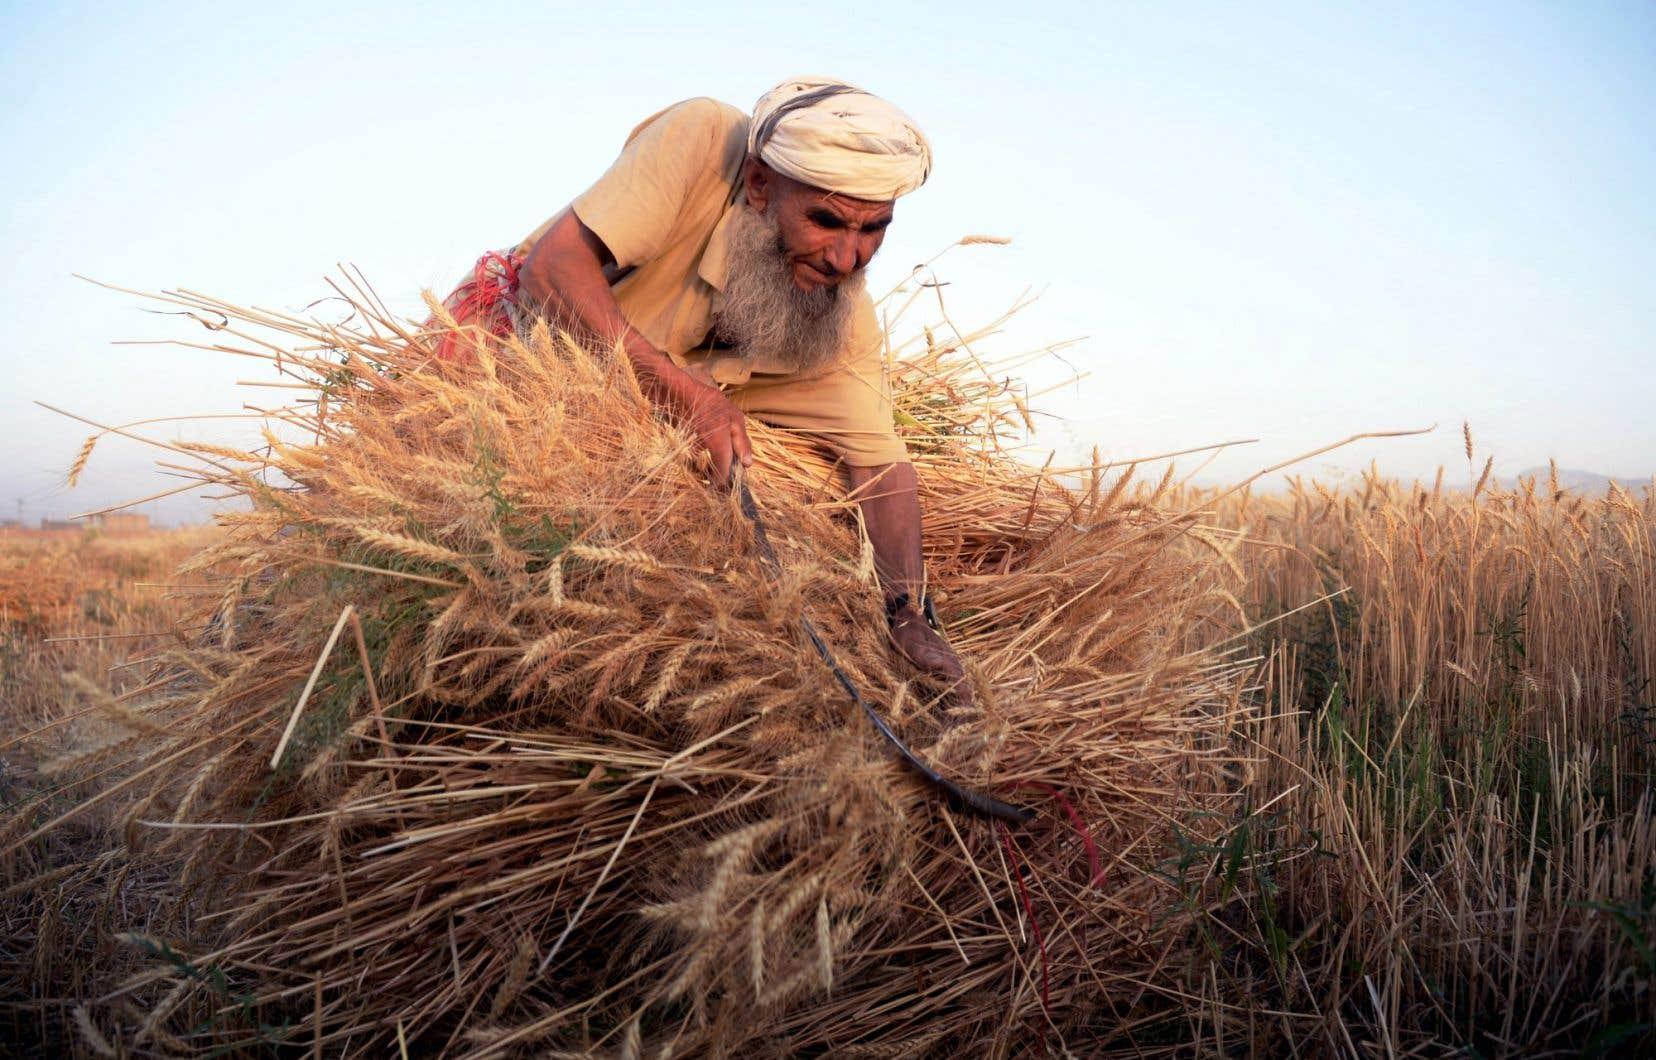 Le réchauffement climatique pourrait réduire la production agricole de moitié par endroits. Ci-dessus, un Afghan fauche le blé à Mazari Sharif.